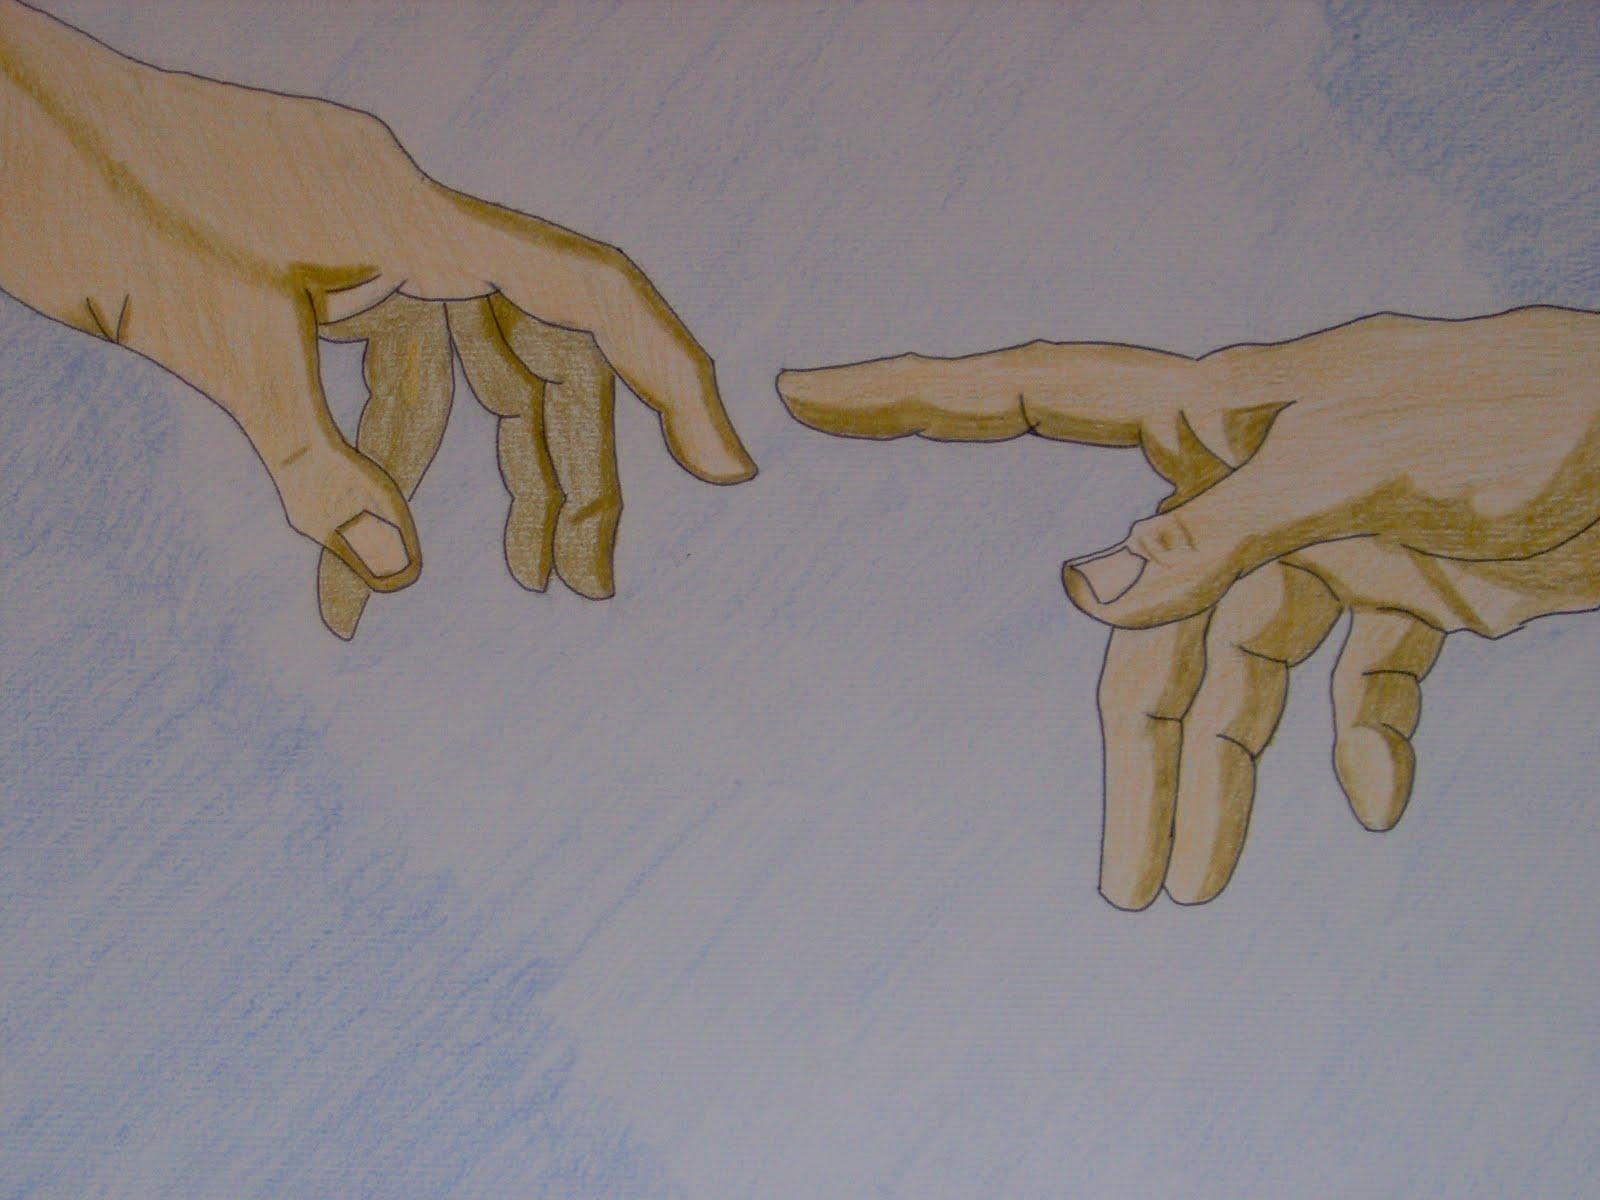 Disegni A Mano Libera Ecco Il Mio Disegno Sulle Mani Nella